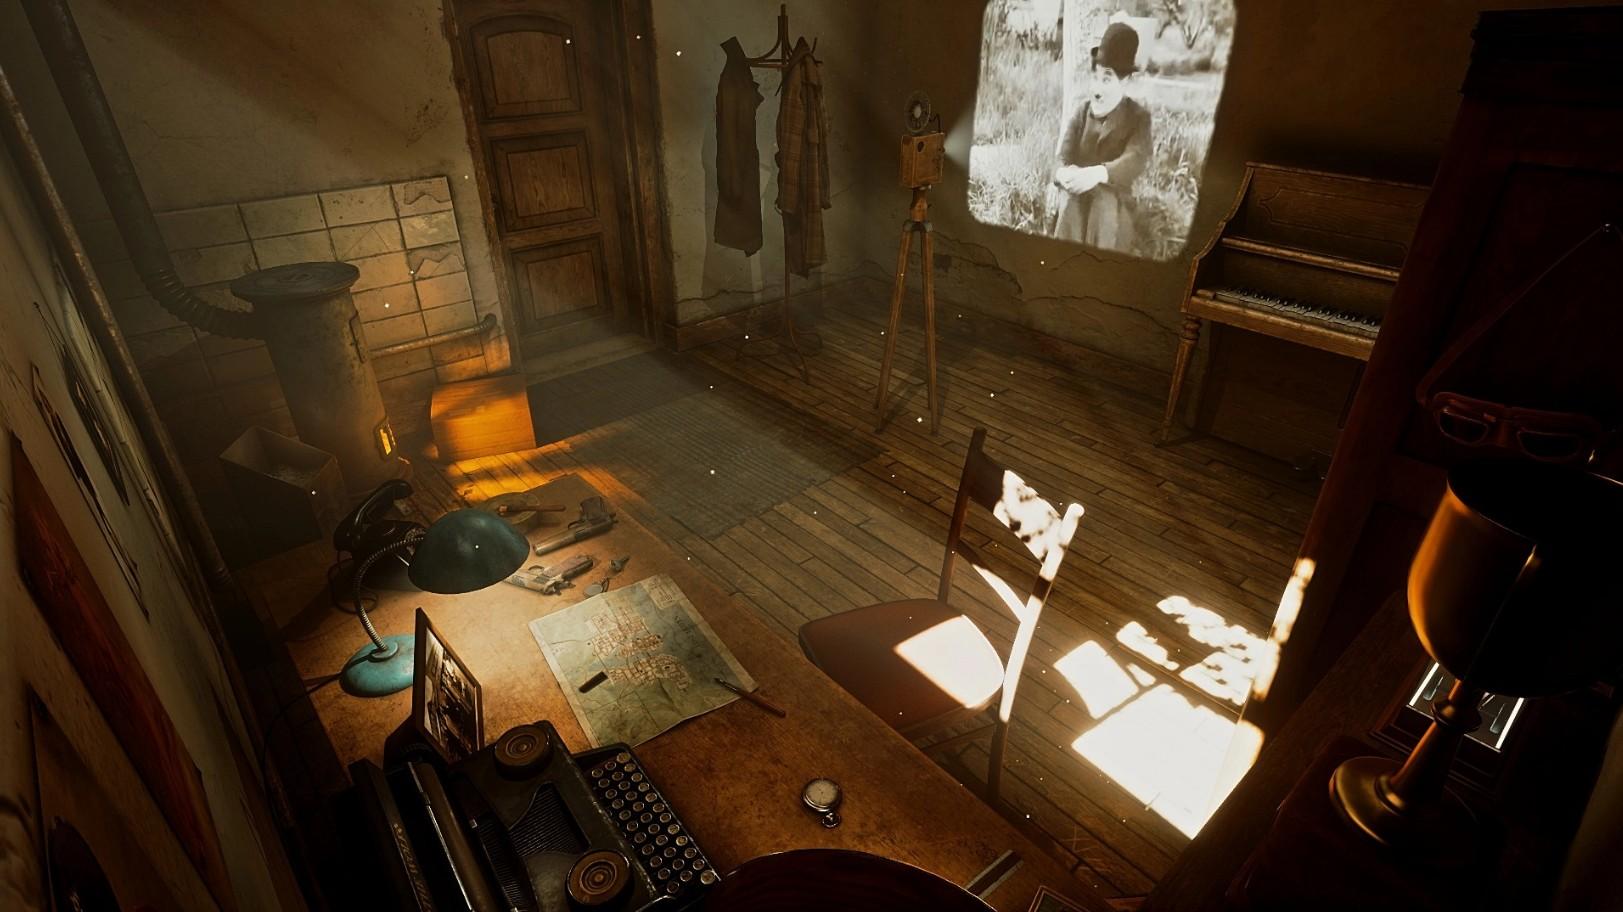 大神用虚幻4还原《黑手党》场景带来真正照片级质感